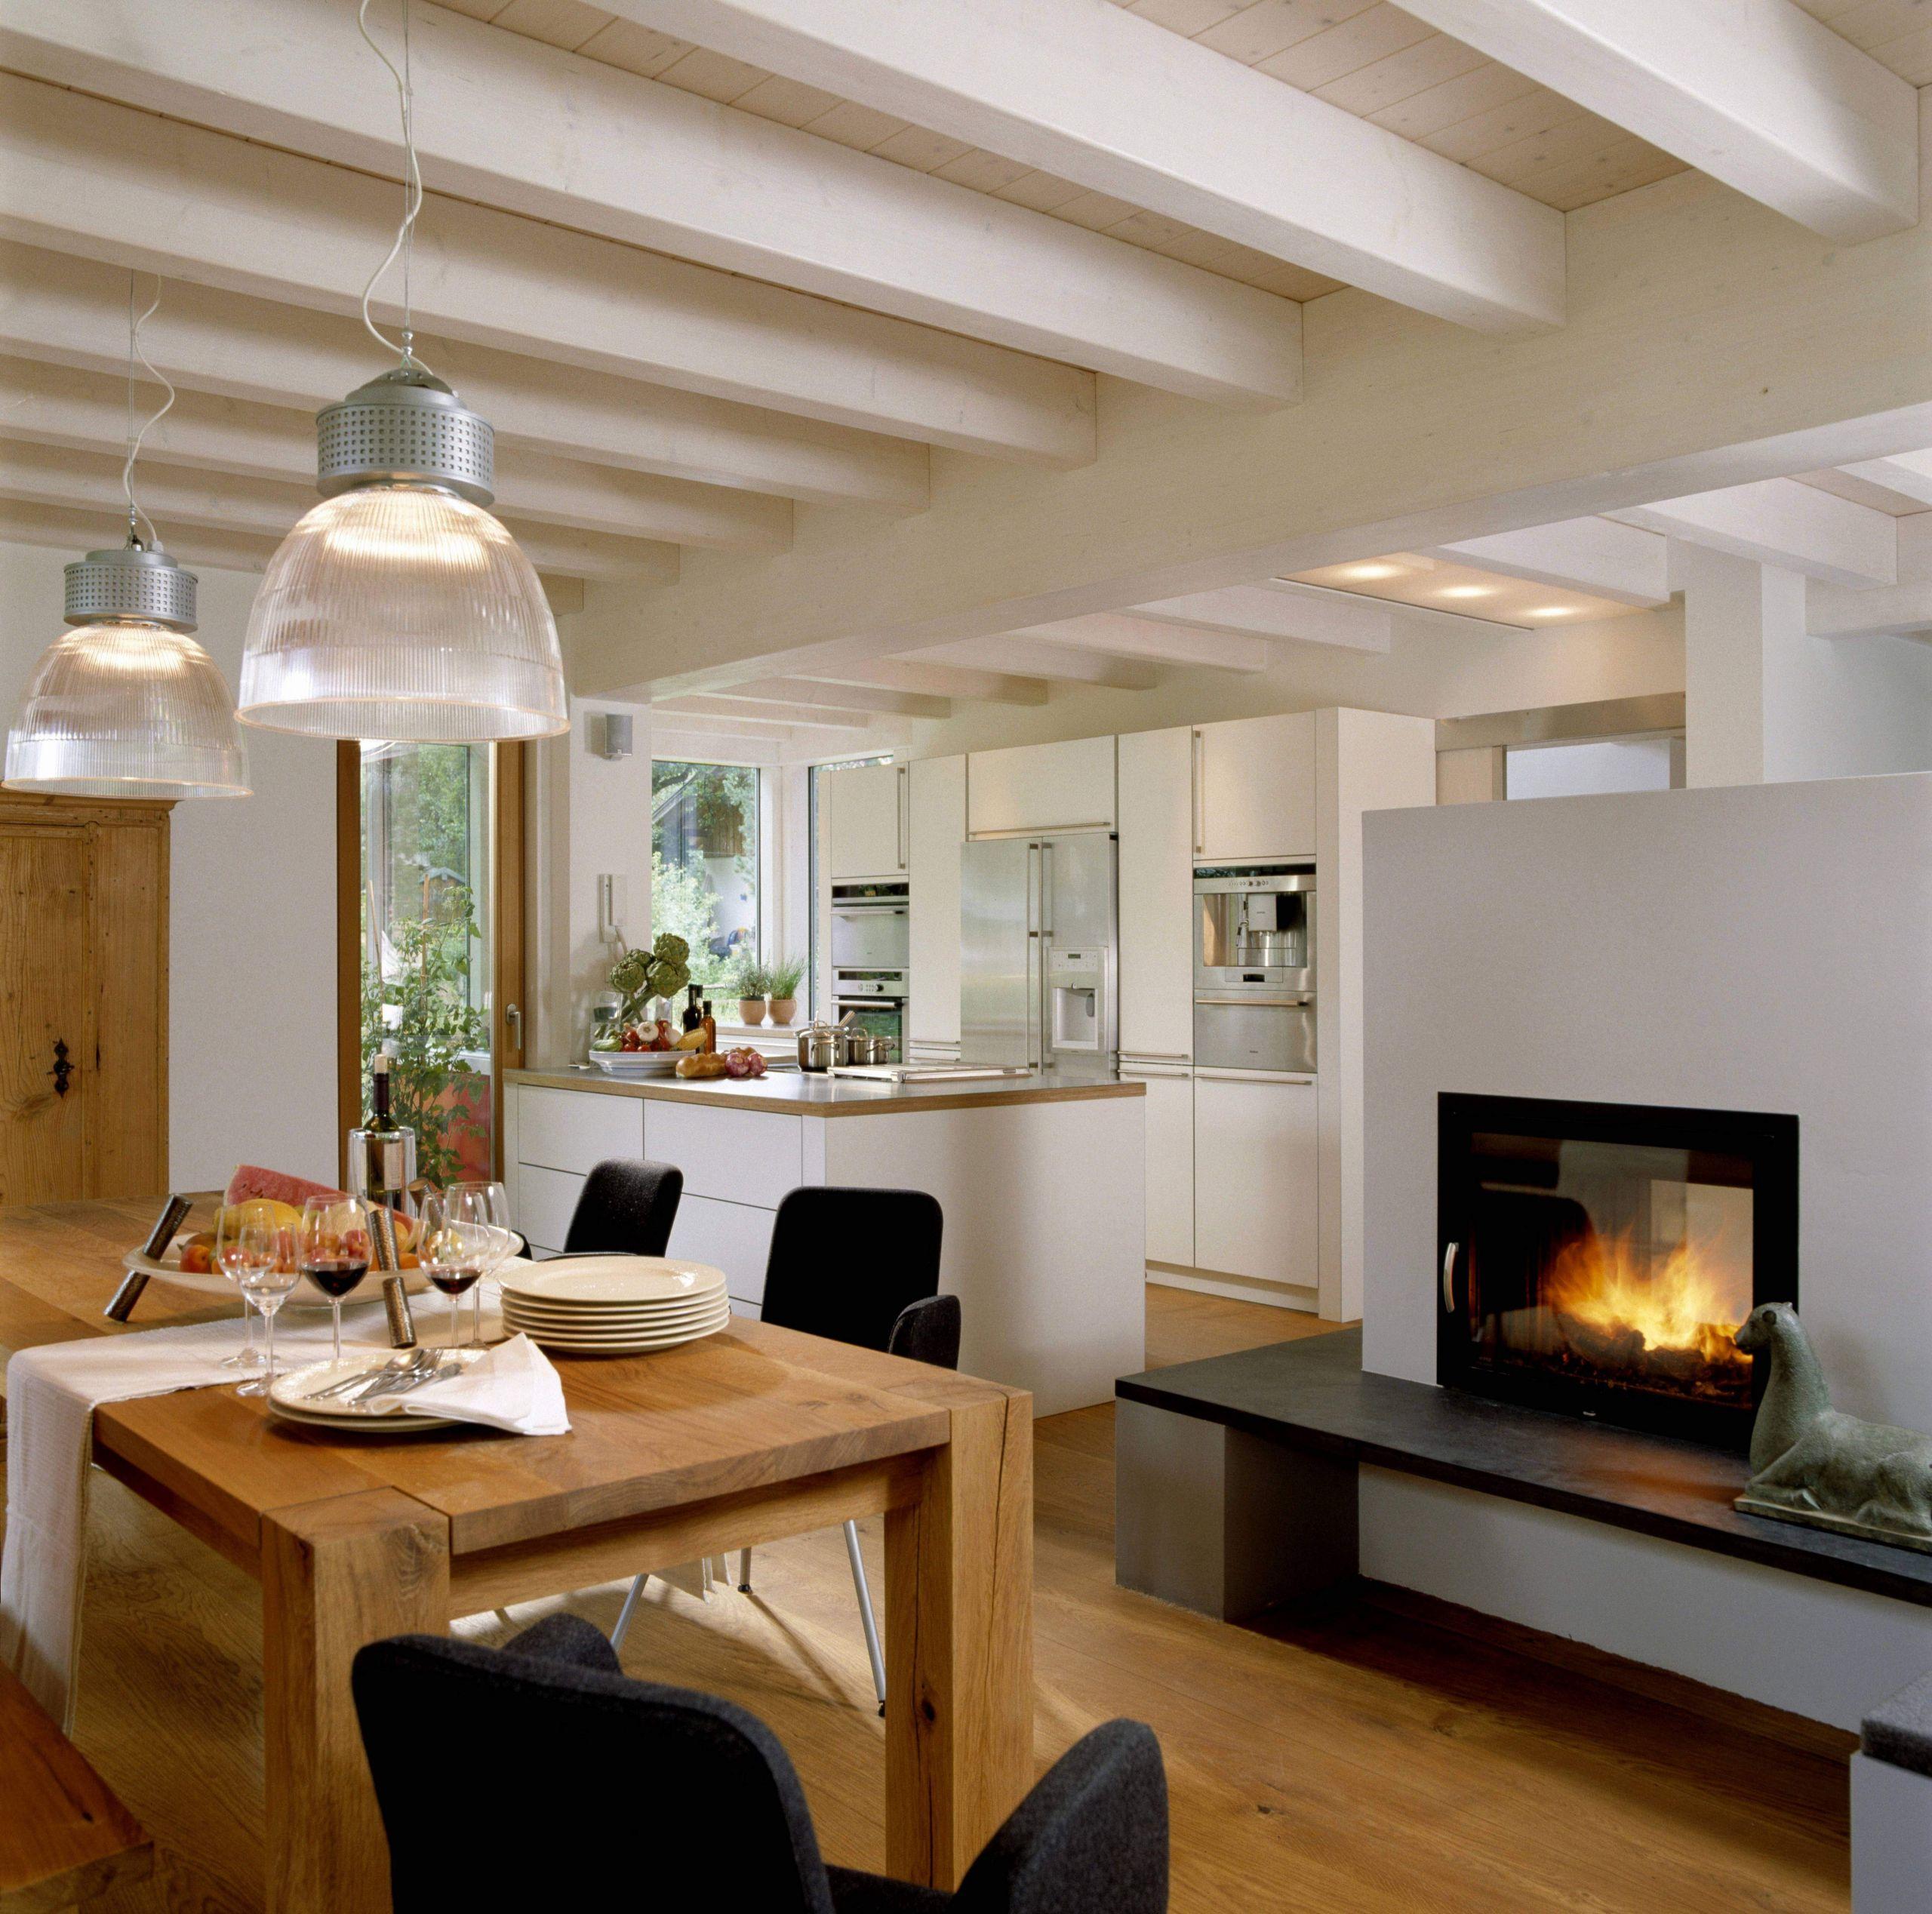 offene kuche esszimmer wohnzimmer schon genial fene kuche mit wohnzimmer of offene kuche esszimmer wohnzimmer